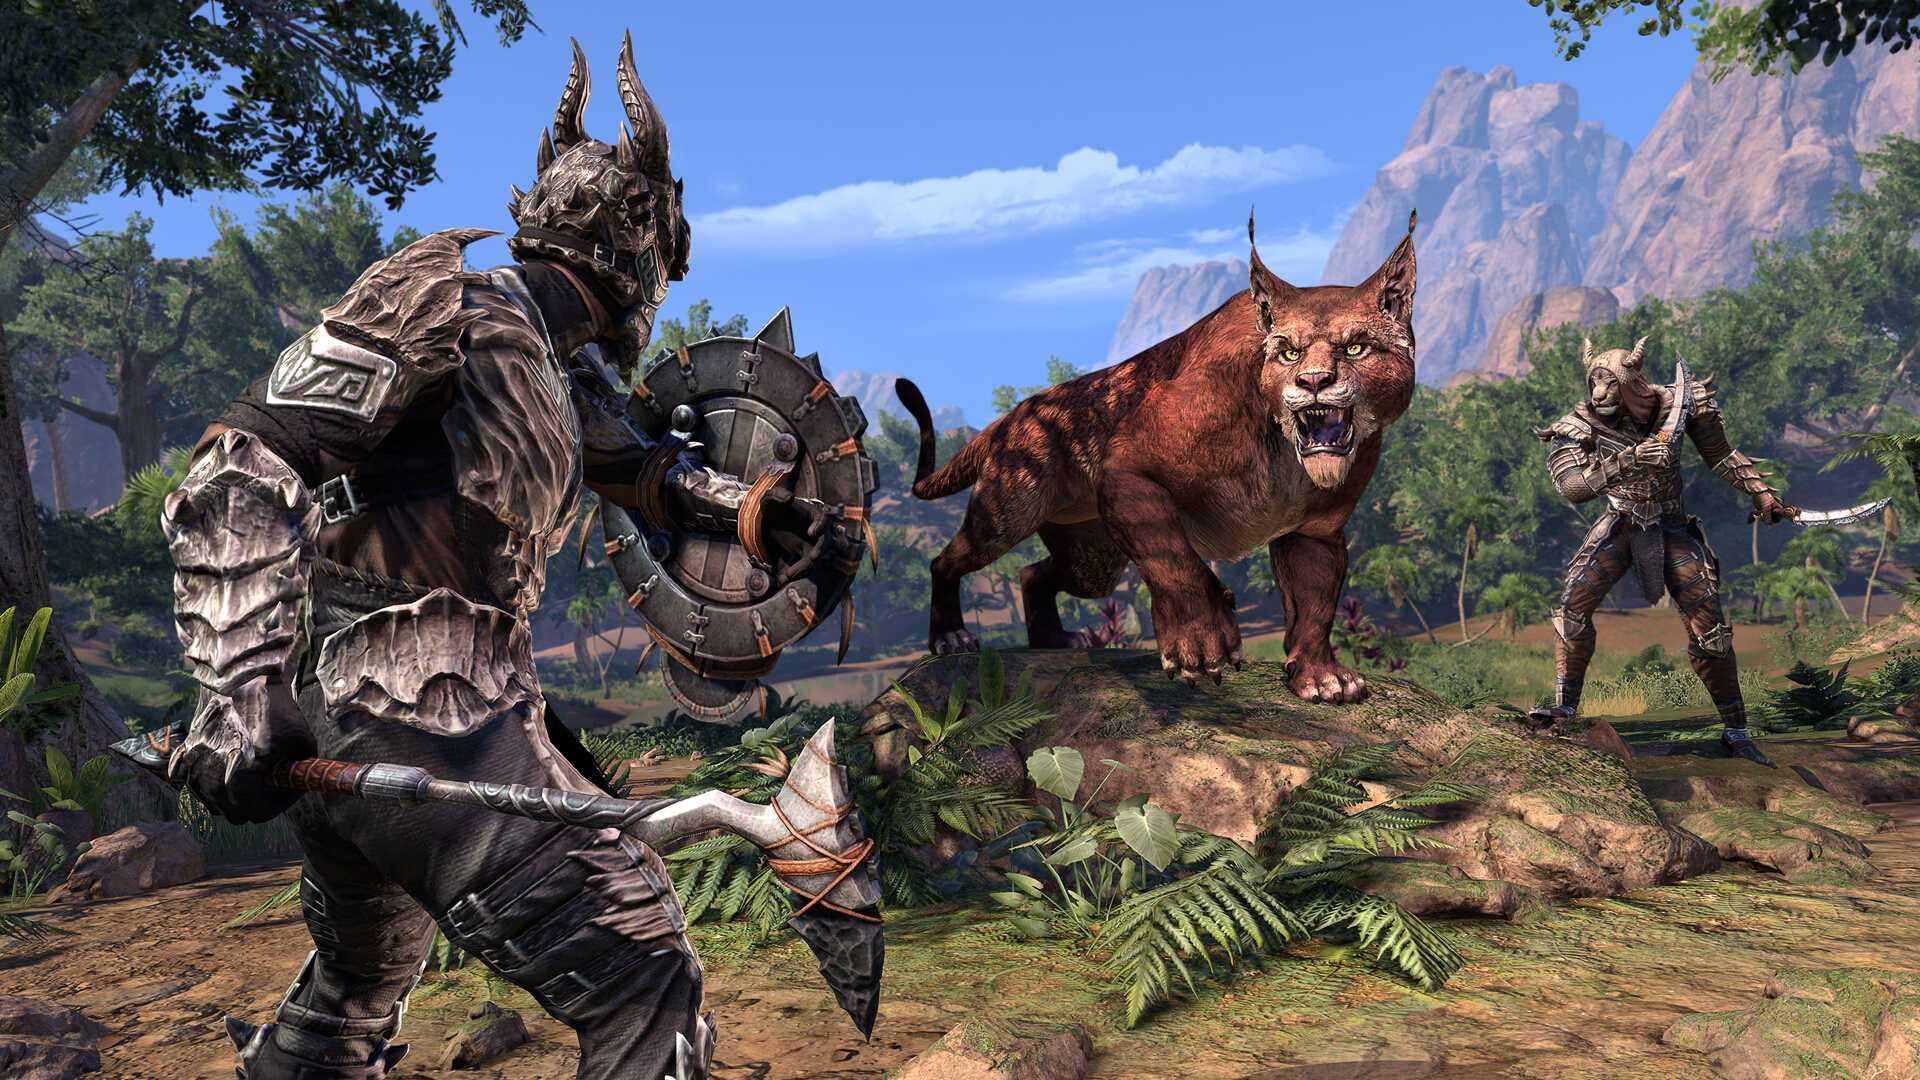 The Elder Scrolls Online: Elsweyr Digital Upgrade